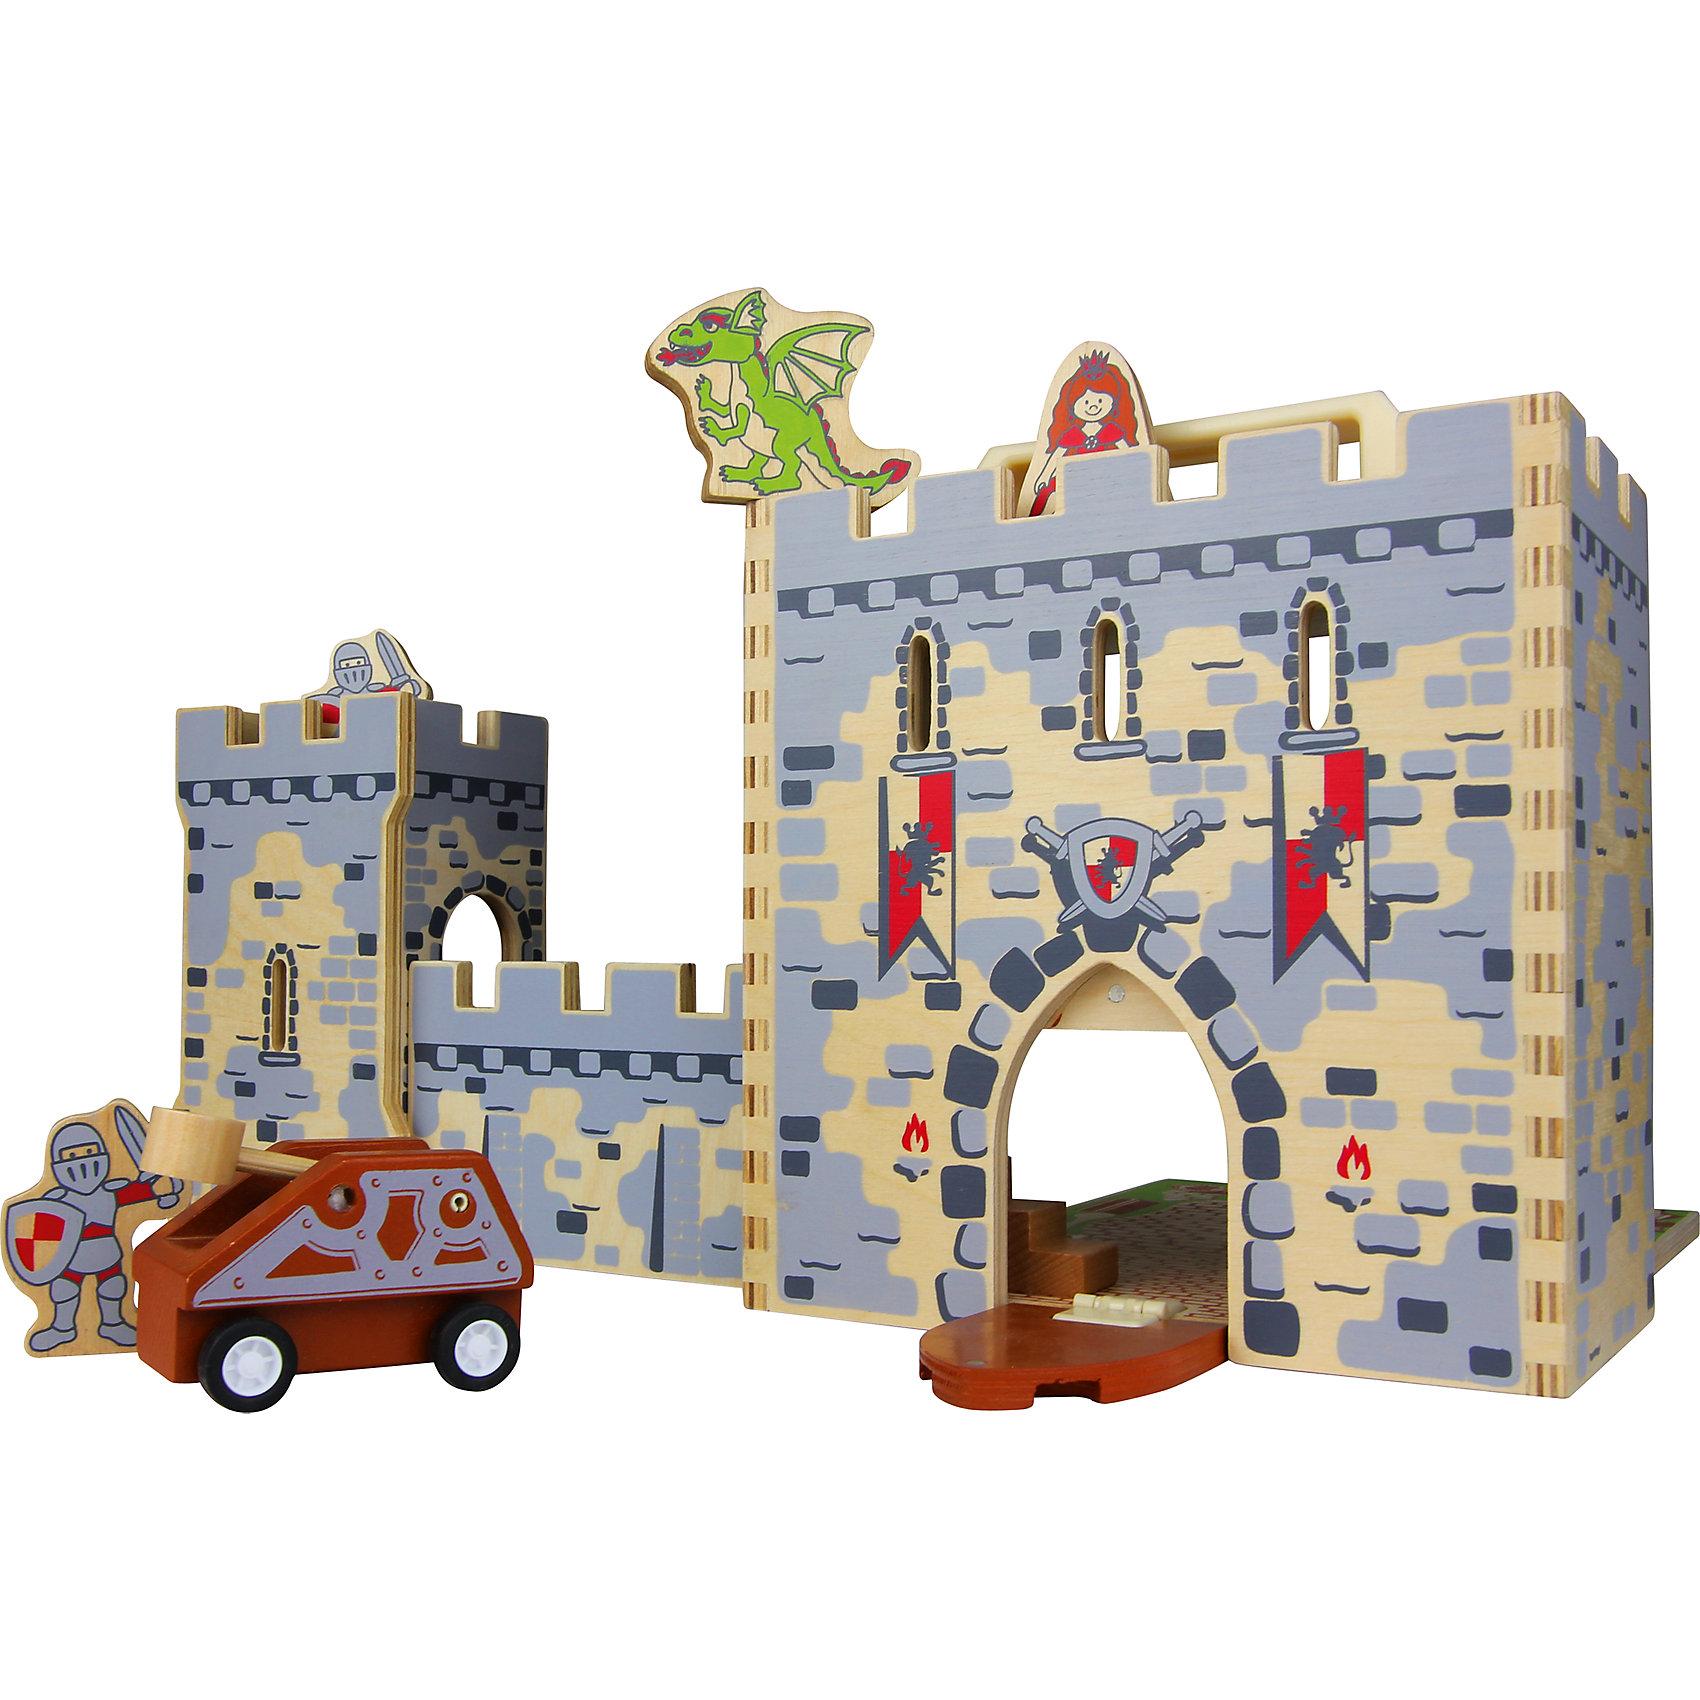 Игровой набор Замок, ZenitИдеи подарков<br>Набор Замок, Zenit, со множеством игровых возможностей обязательно понравится Вашему ребенку. Компания Zenit Wooden Toys - всемирно известный производитель высококачественных товаров из дерева. Все детские товары этой марки отвечают самым высоким стандартам качества и безопасности. Набор выполнен в виде компактного деревянного сундучка с ручкой, который раскладываясь, превращается в настоящий рыцарский замок с мощными каменными стенами и зубчатыми сторожевыми башнями. Дополнительные игровые аксессуары, такие как фигурки рыцарей, принцессы и дракона, машина с катапультой позволят придумать и разыграть множество сценок из рыцарской жизни.<br><br>Дополнительная информация:<br><br>- В комплекте: замок, 3 фигурки, машинка.<br>- Материал: древесина, ДСП.<br>- Размер упаковки: 23 х 21 х 11,5 см. <br>- Вес: 2 кг. <br><br>Игровой набор Замок, Zenit, можно купить в нашем интернет-магазине.<br><br>Ширина мм: 230<br>Глубина мм: 210<br>Высота мм: 115<br>Вес г: 2000<br>Возраст от месяцев: 36<br>Возраст до месяцев: 96<br>Пол: Унисекс<br>Возраст: Детский<br>SKU: 4248707